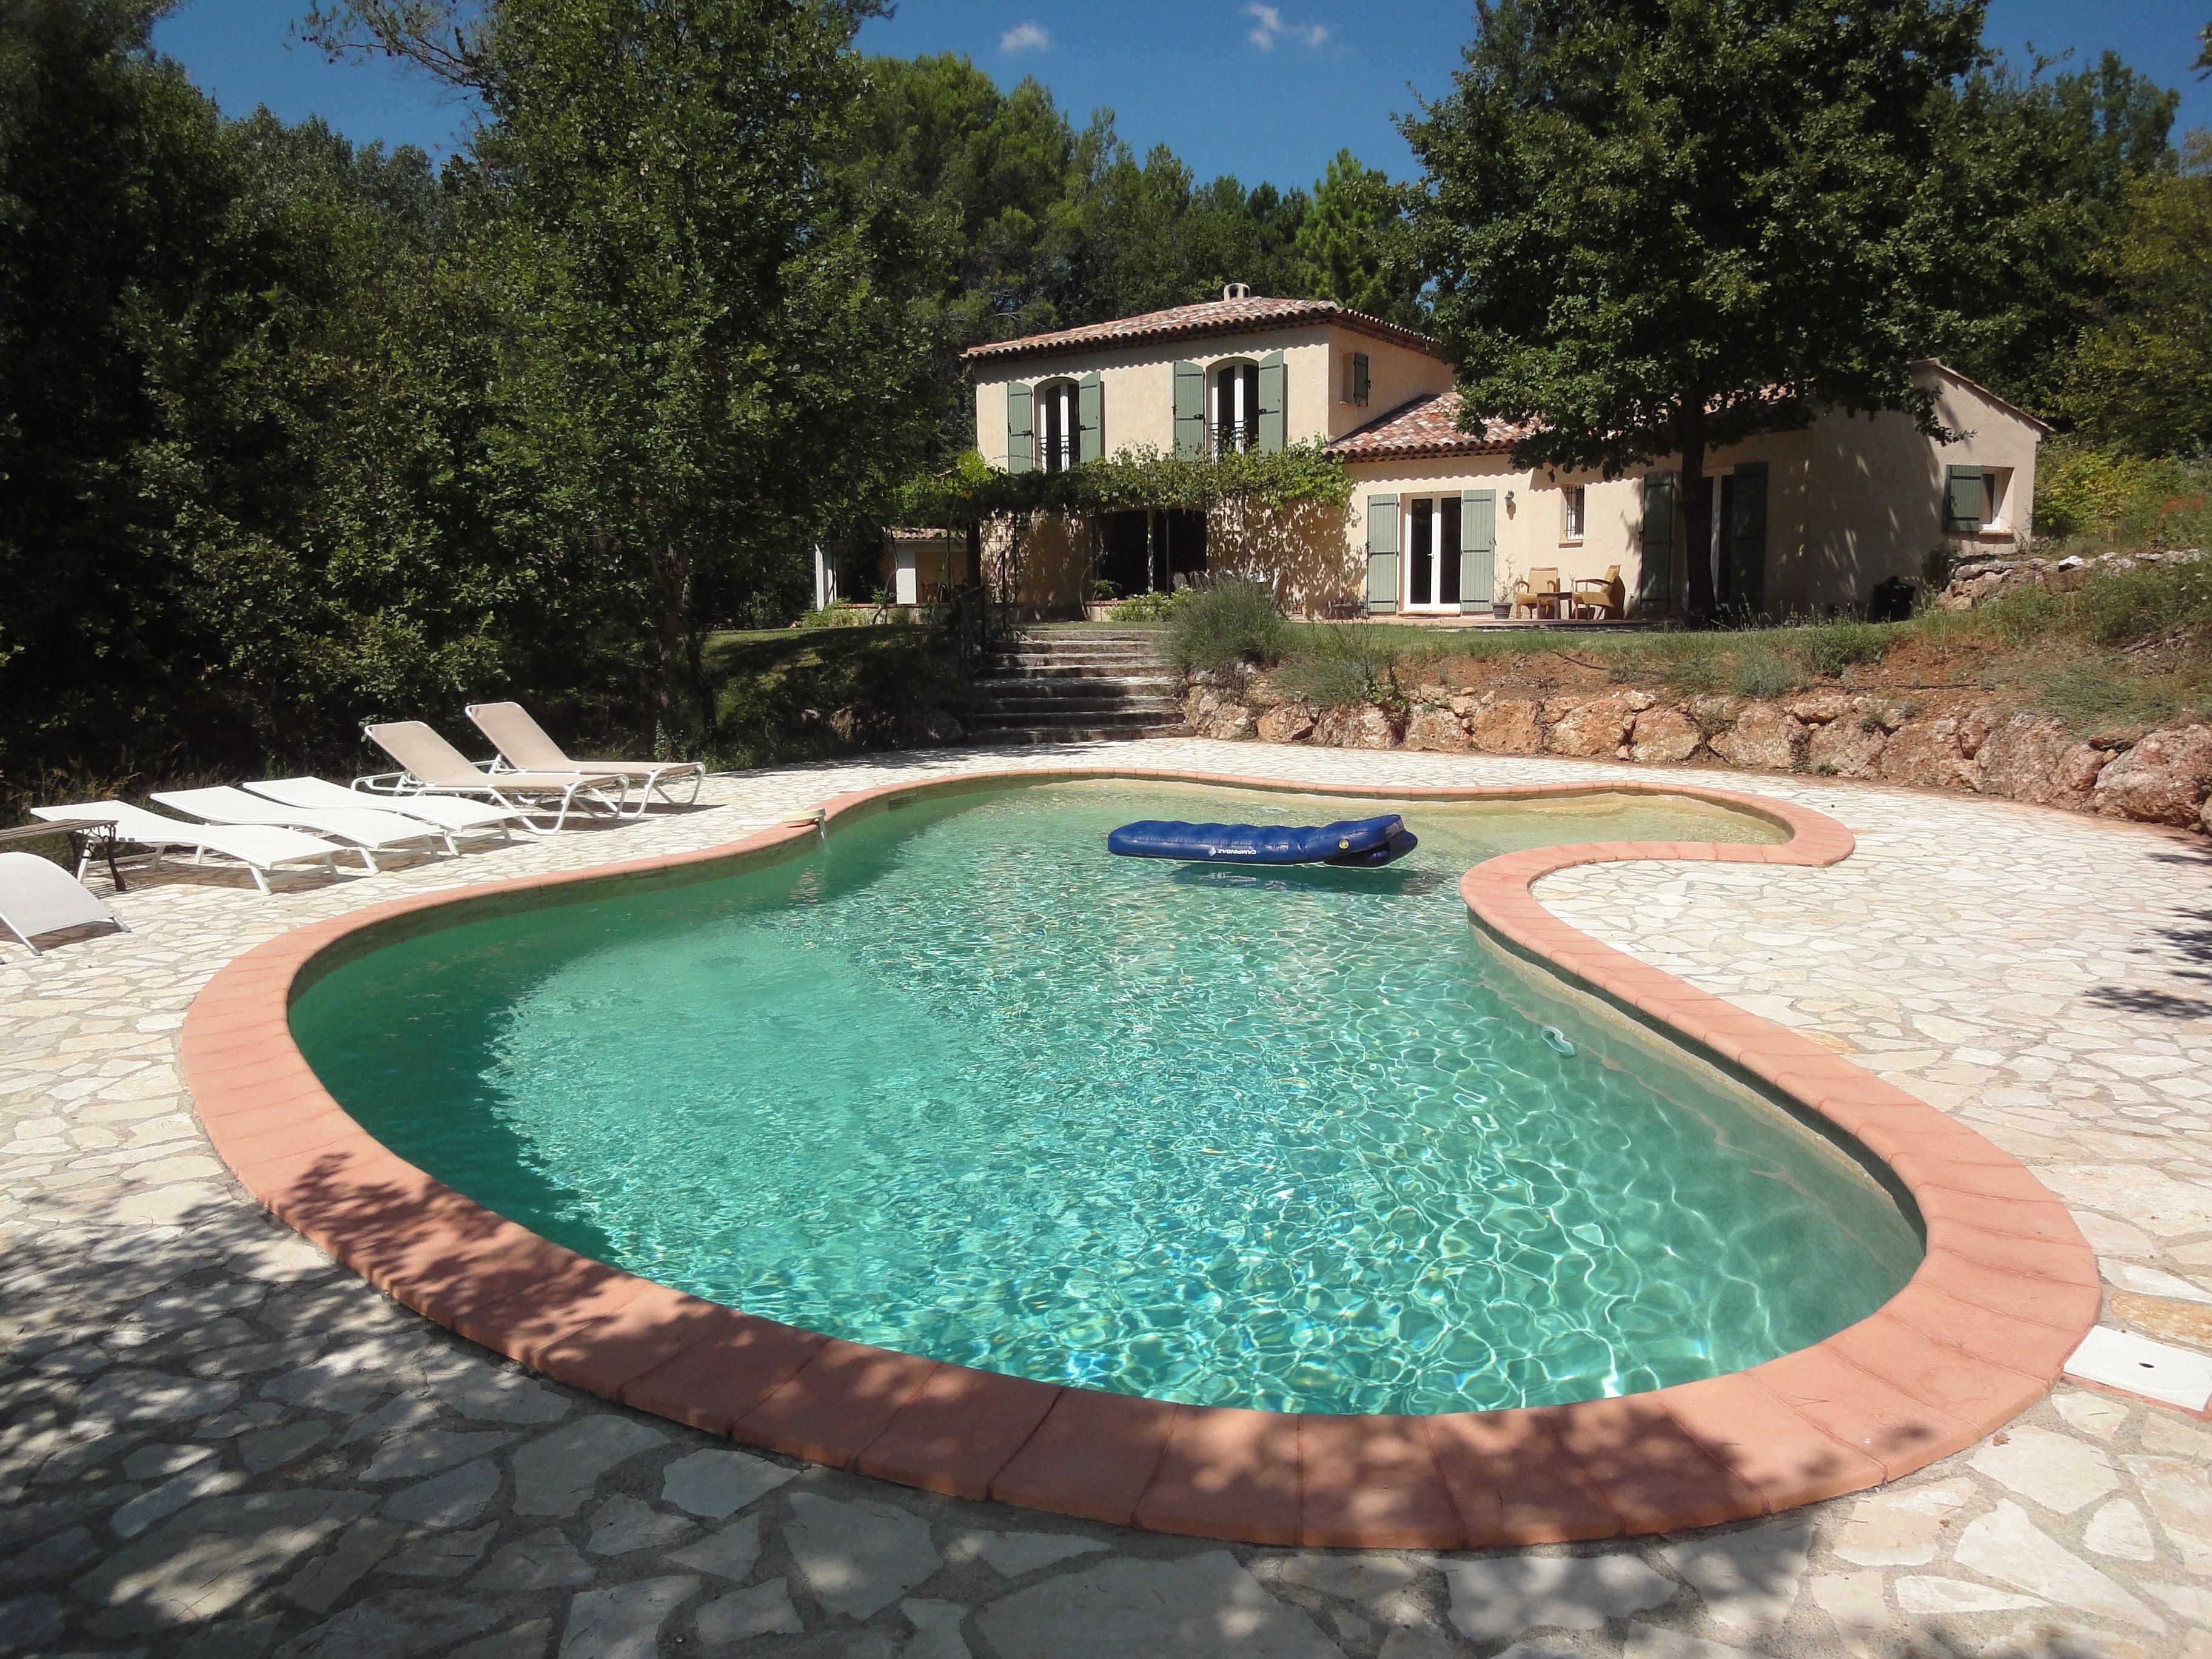 Ferienhaus Waterballet in Var - Provence-Alpes-Côte d\'Azur anzeigen ...